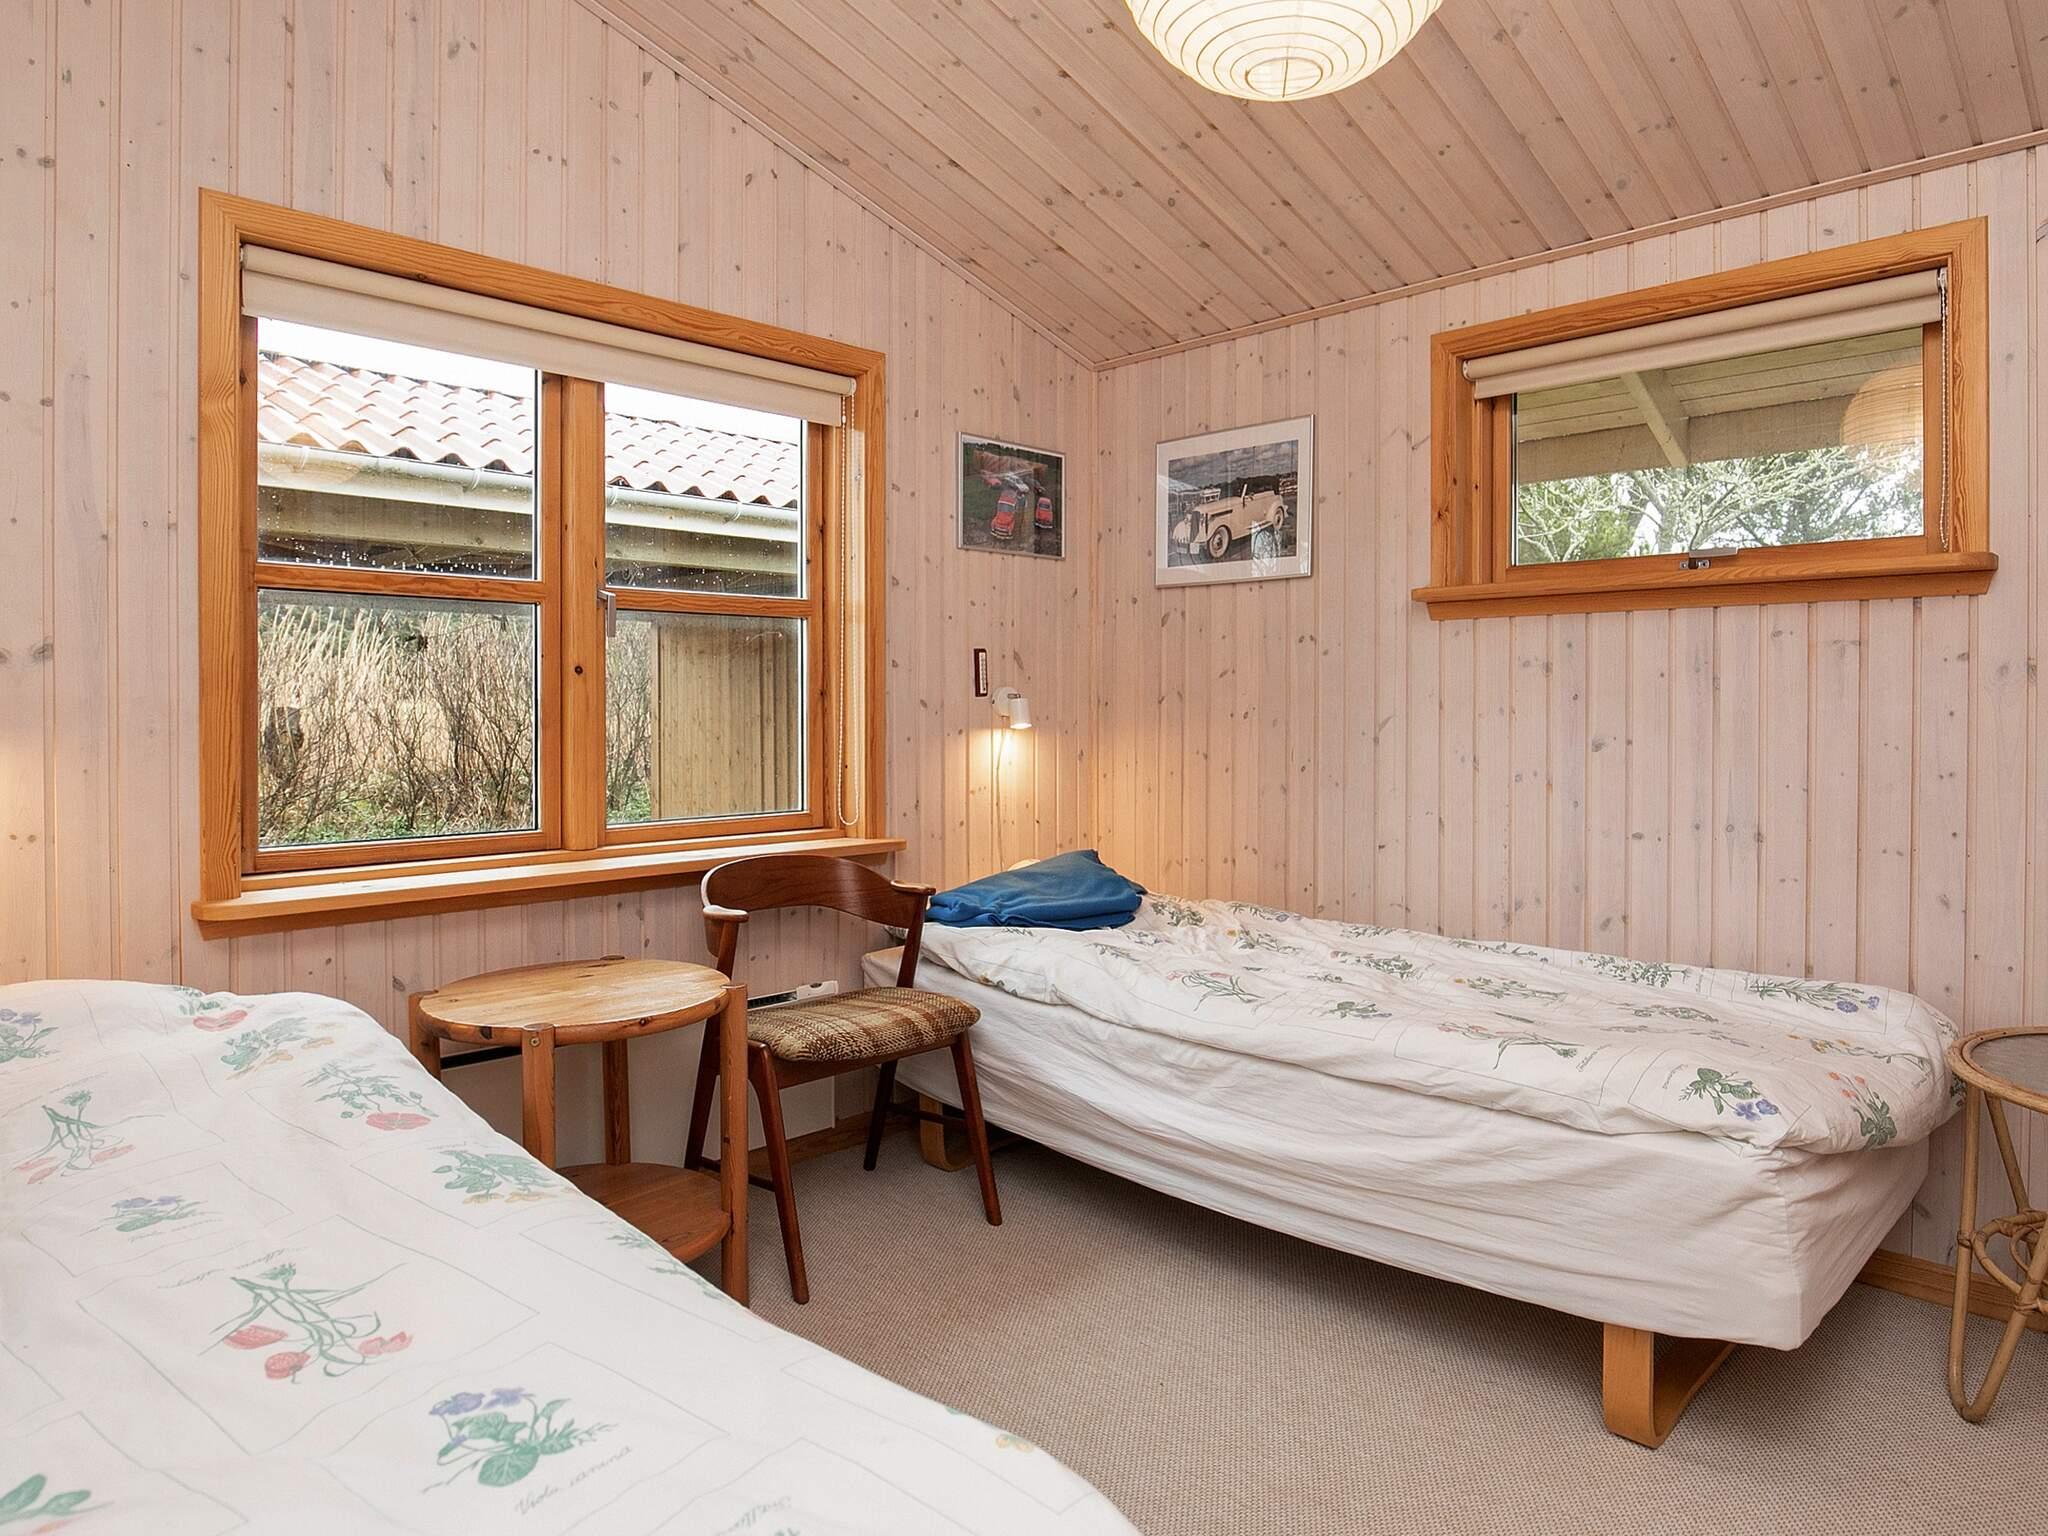 Ferienhaus Kjul Strand (2595175), Hirtshals, , Nordwestjütland, Dänemark, Bild 10